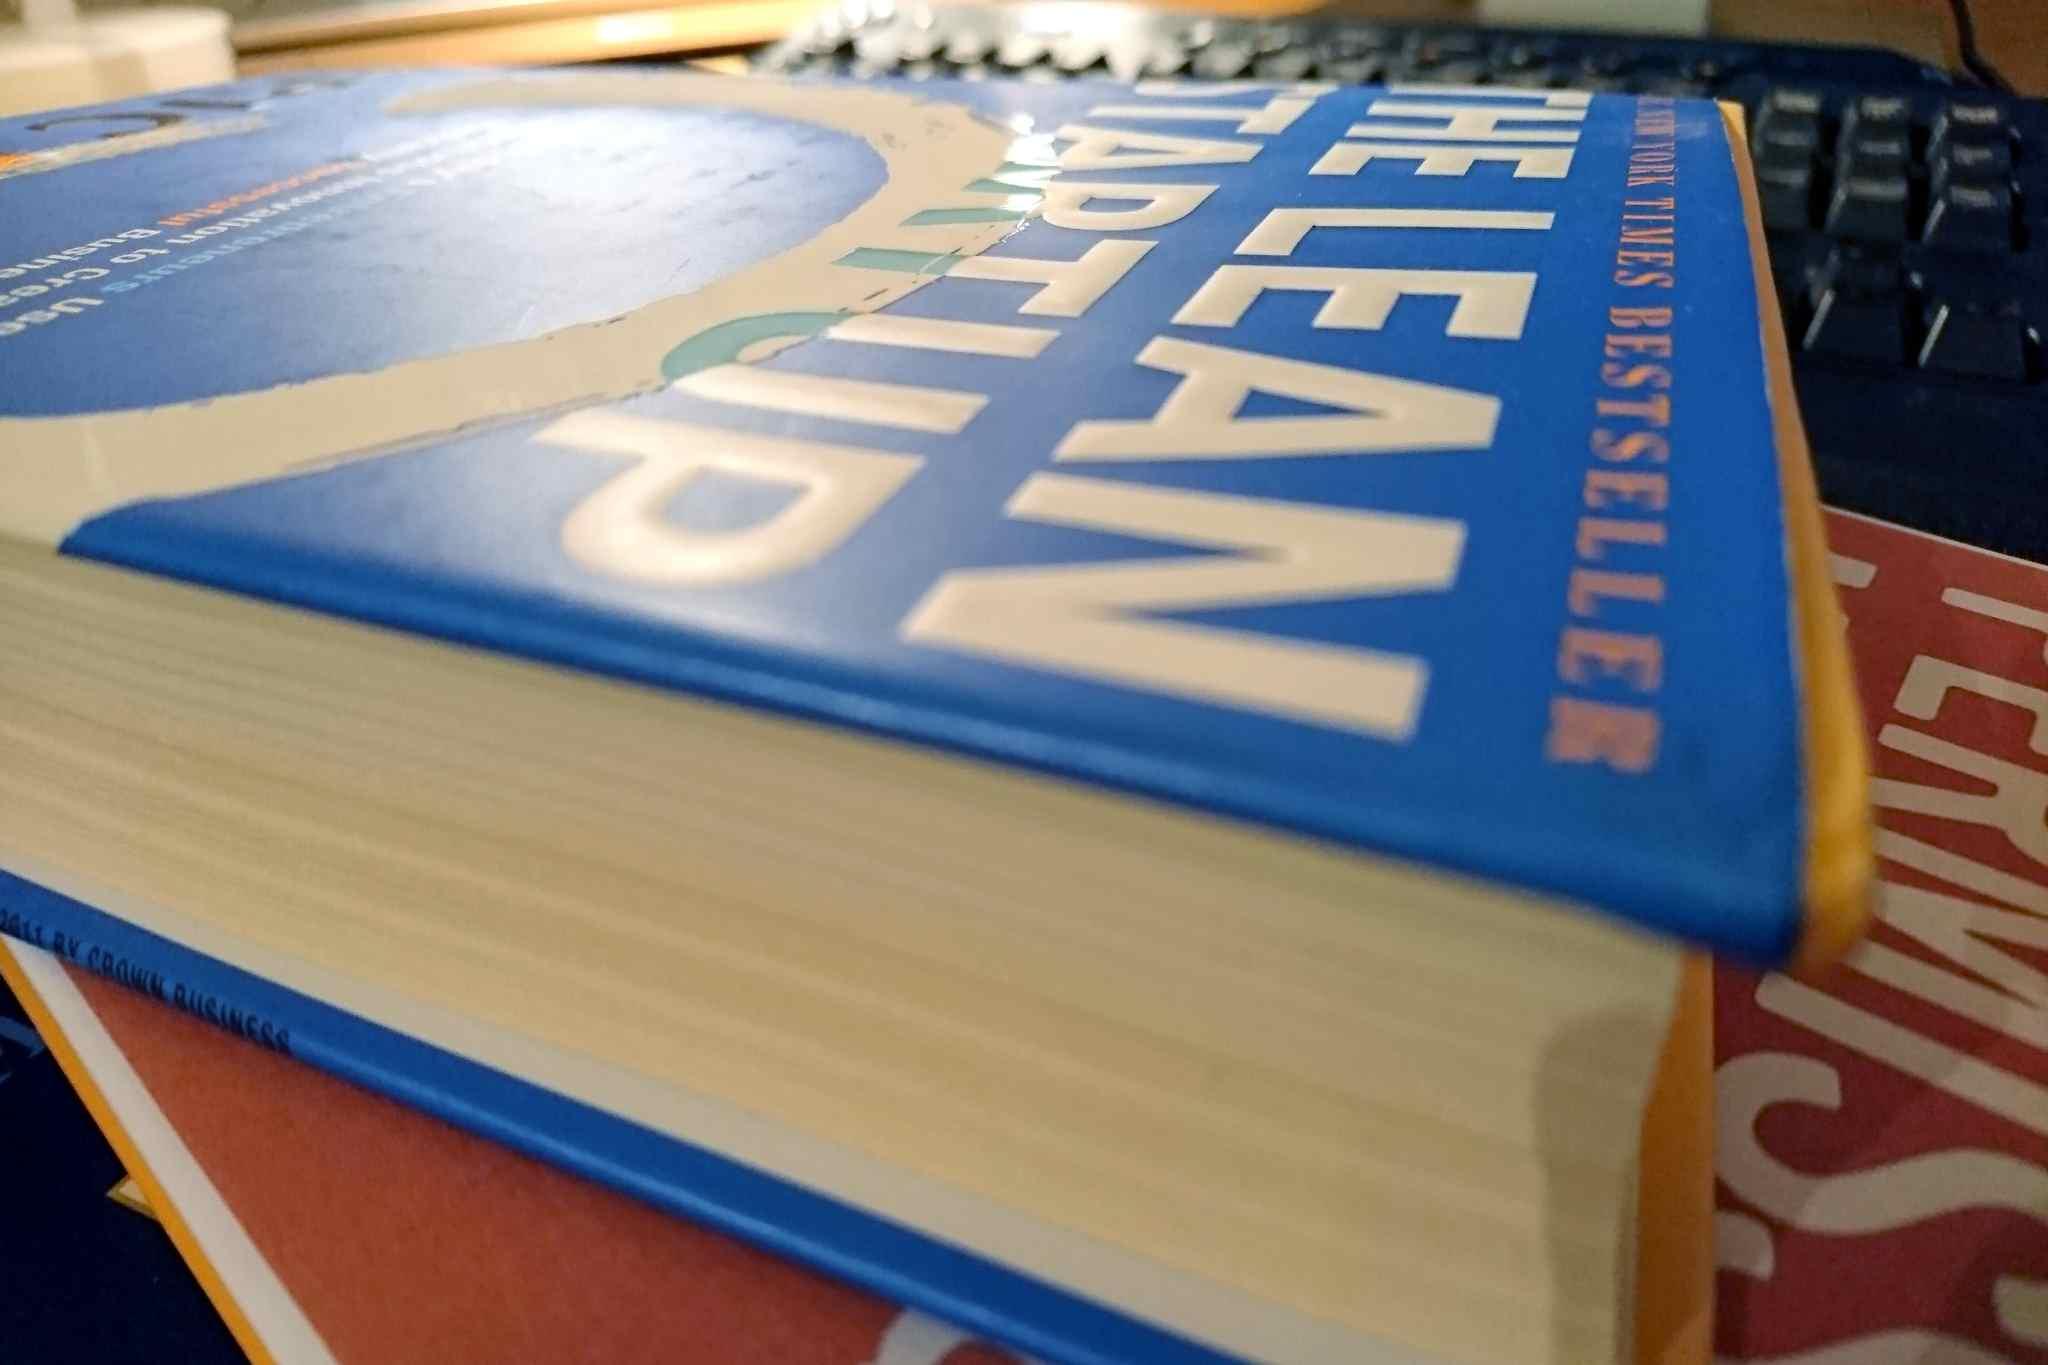 3 anbefalte bøker for digital B2B markedsføring [3:3]